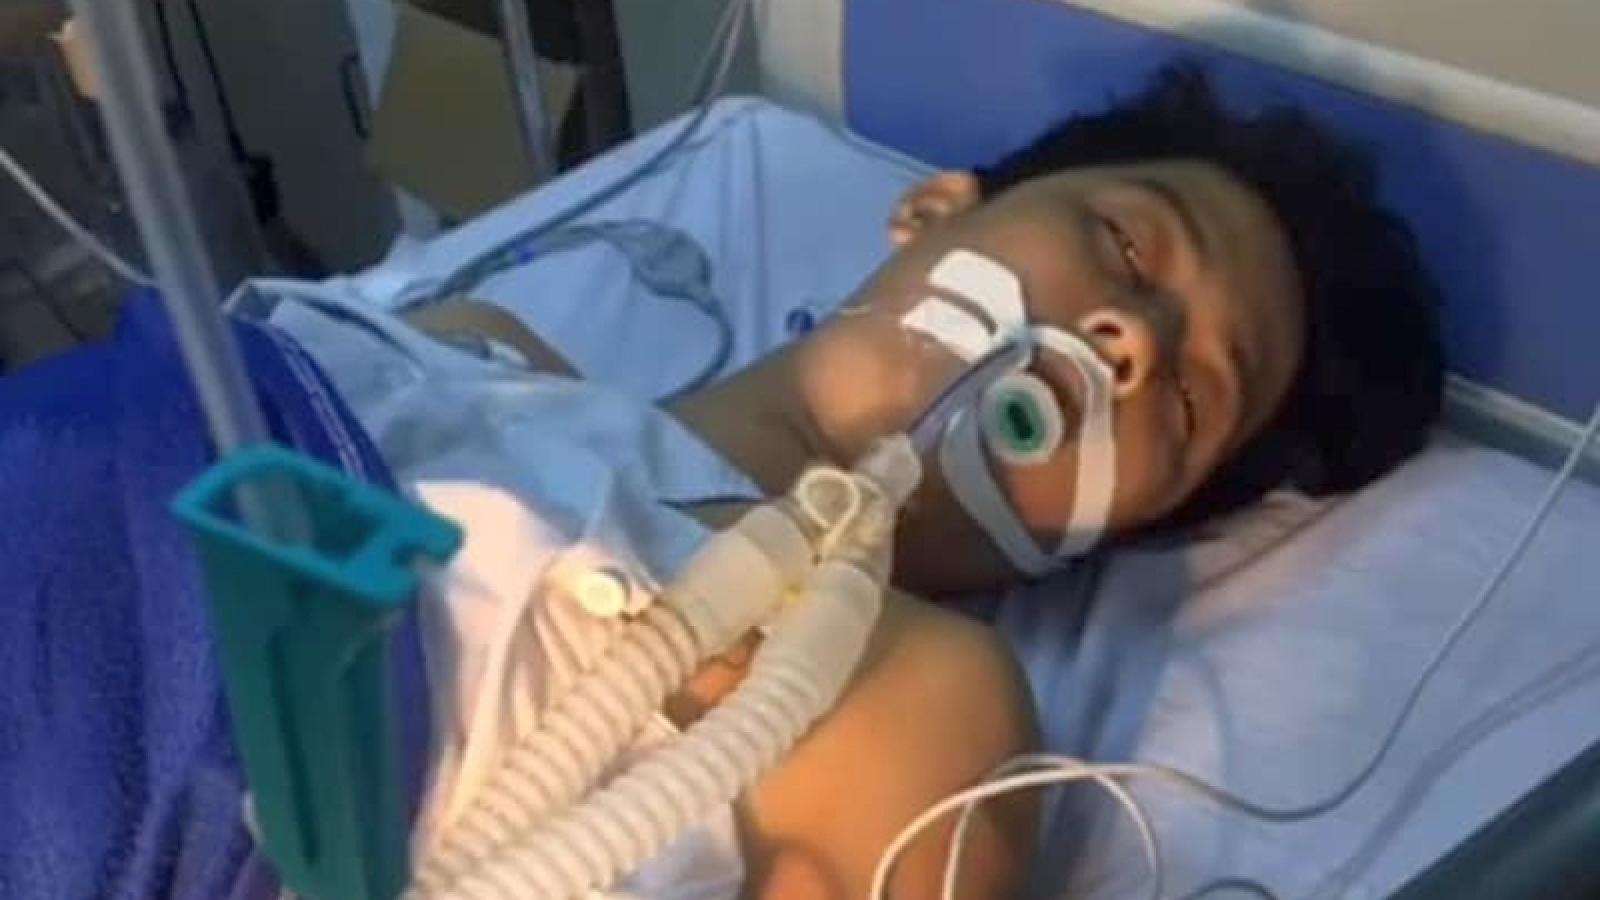 Điều tra vụ nổ súng gây chết người tại Tiền Giang